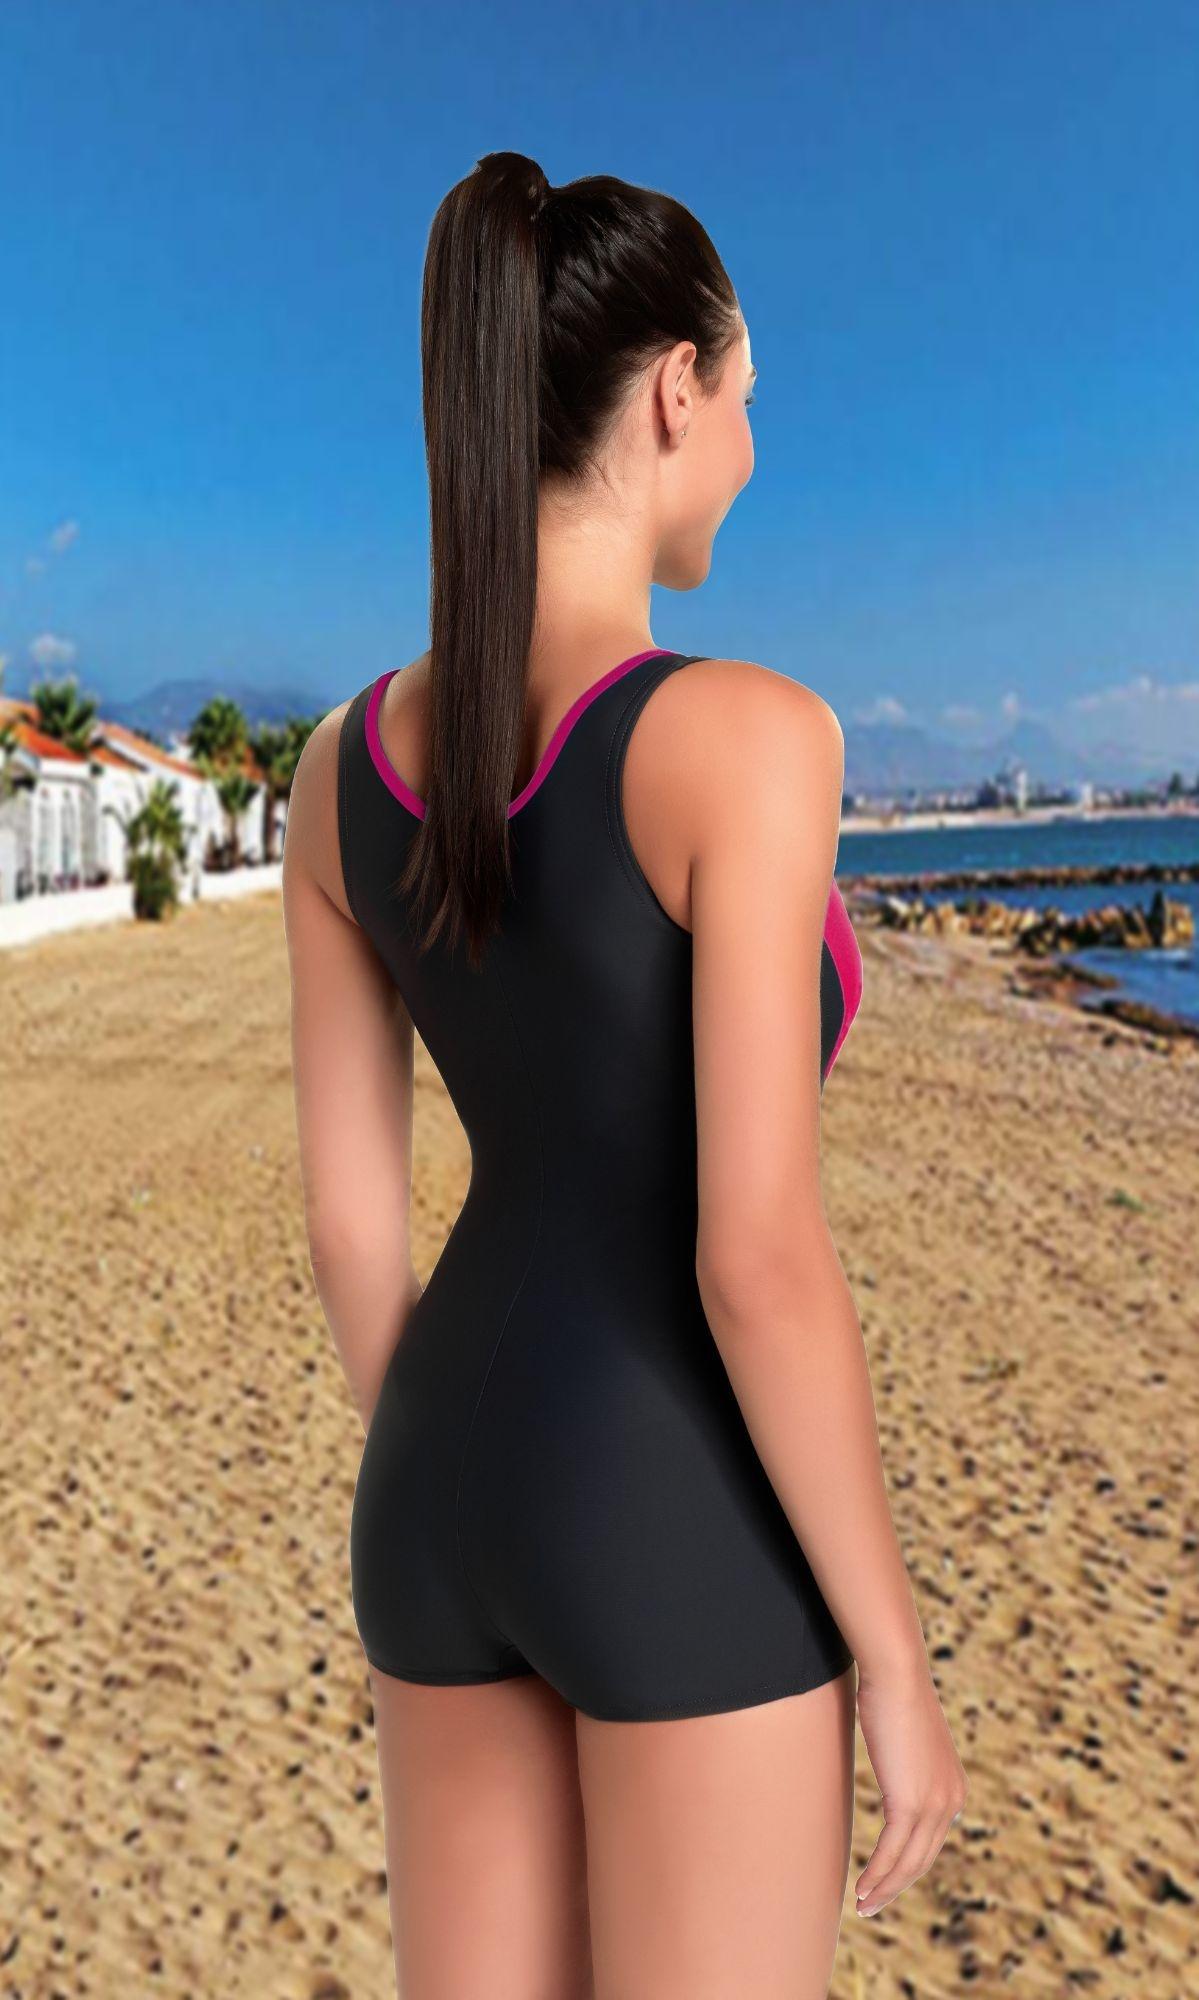 2f03cc4ad87 Jednodílné plavky s nohavičkou Isabel šedé Jednodílné plavky s nohavičkou  Isabel šedé